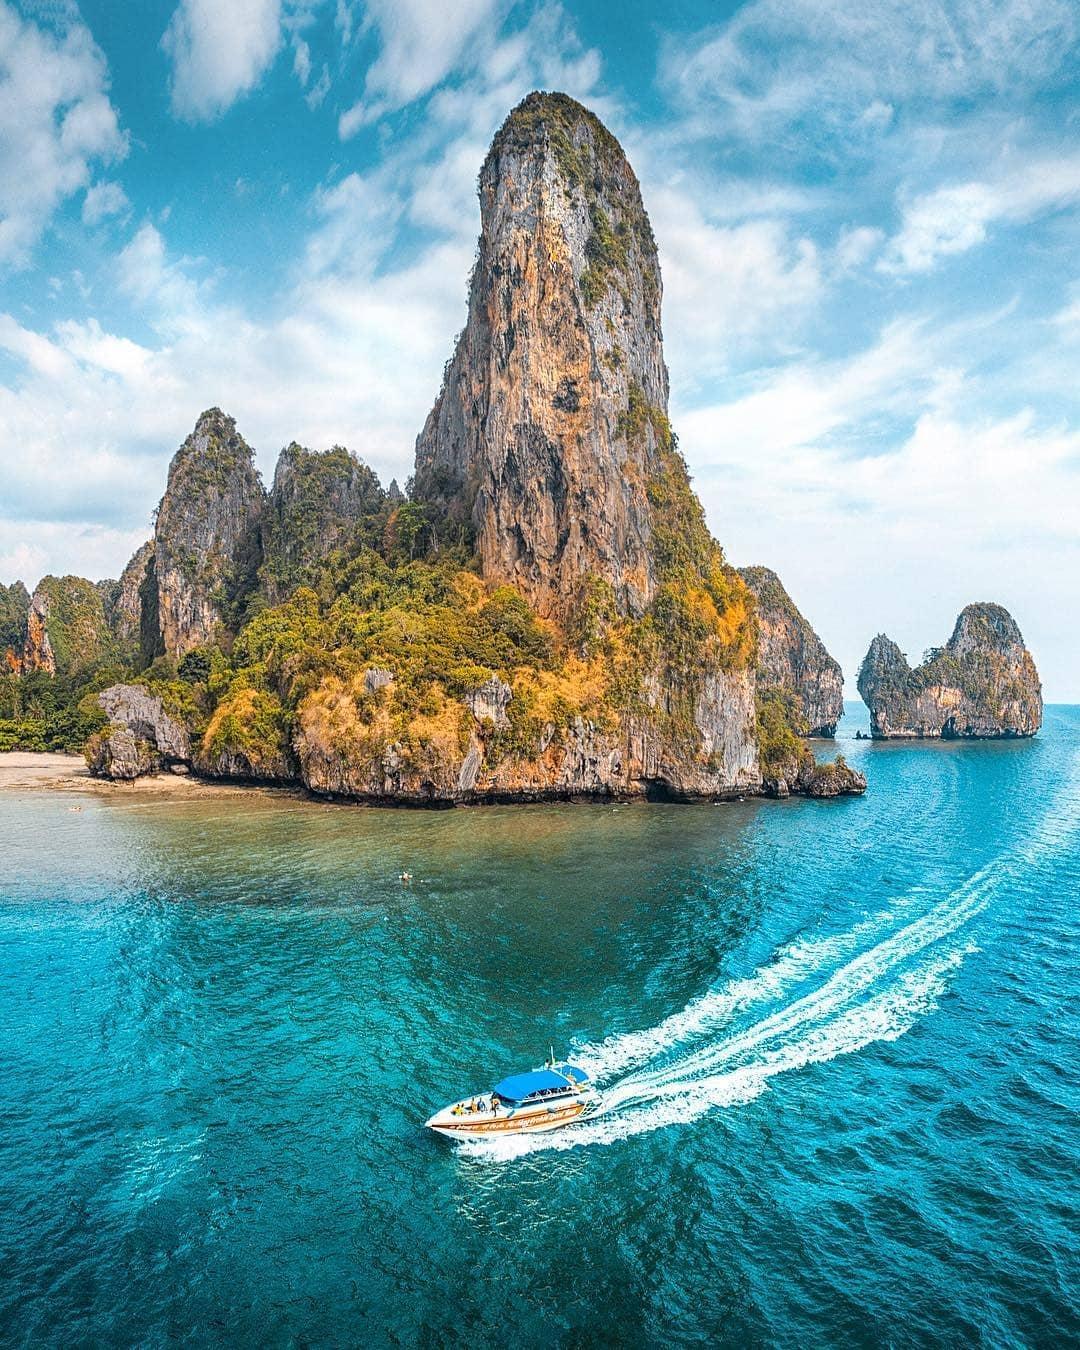 jalan jalan ke thailand: Railay Beach